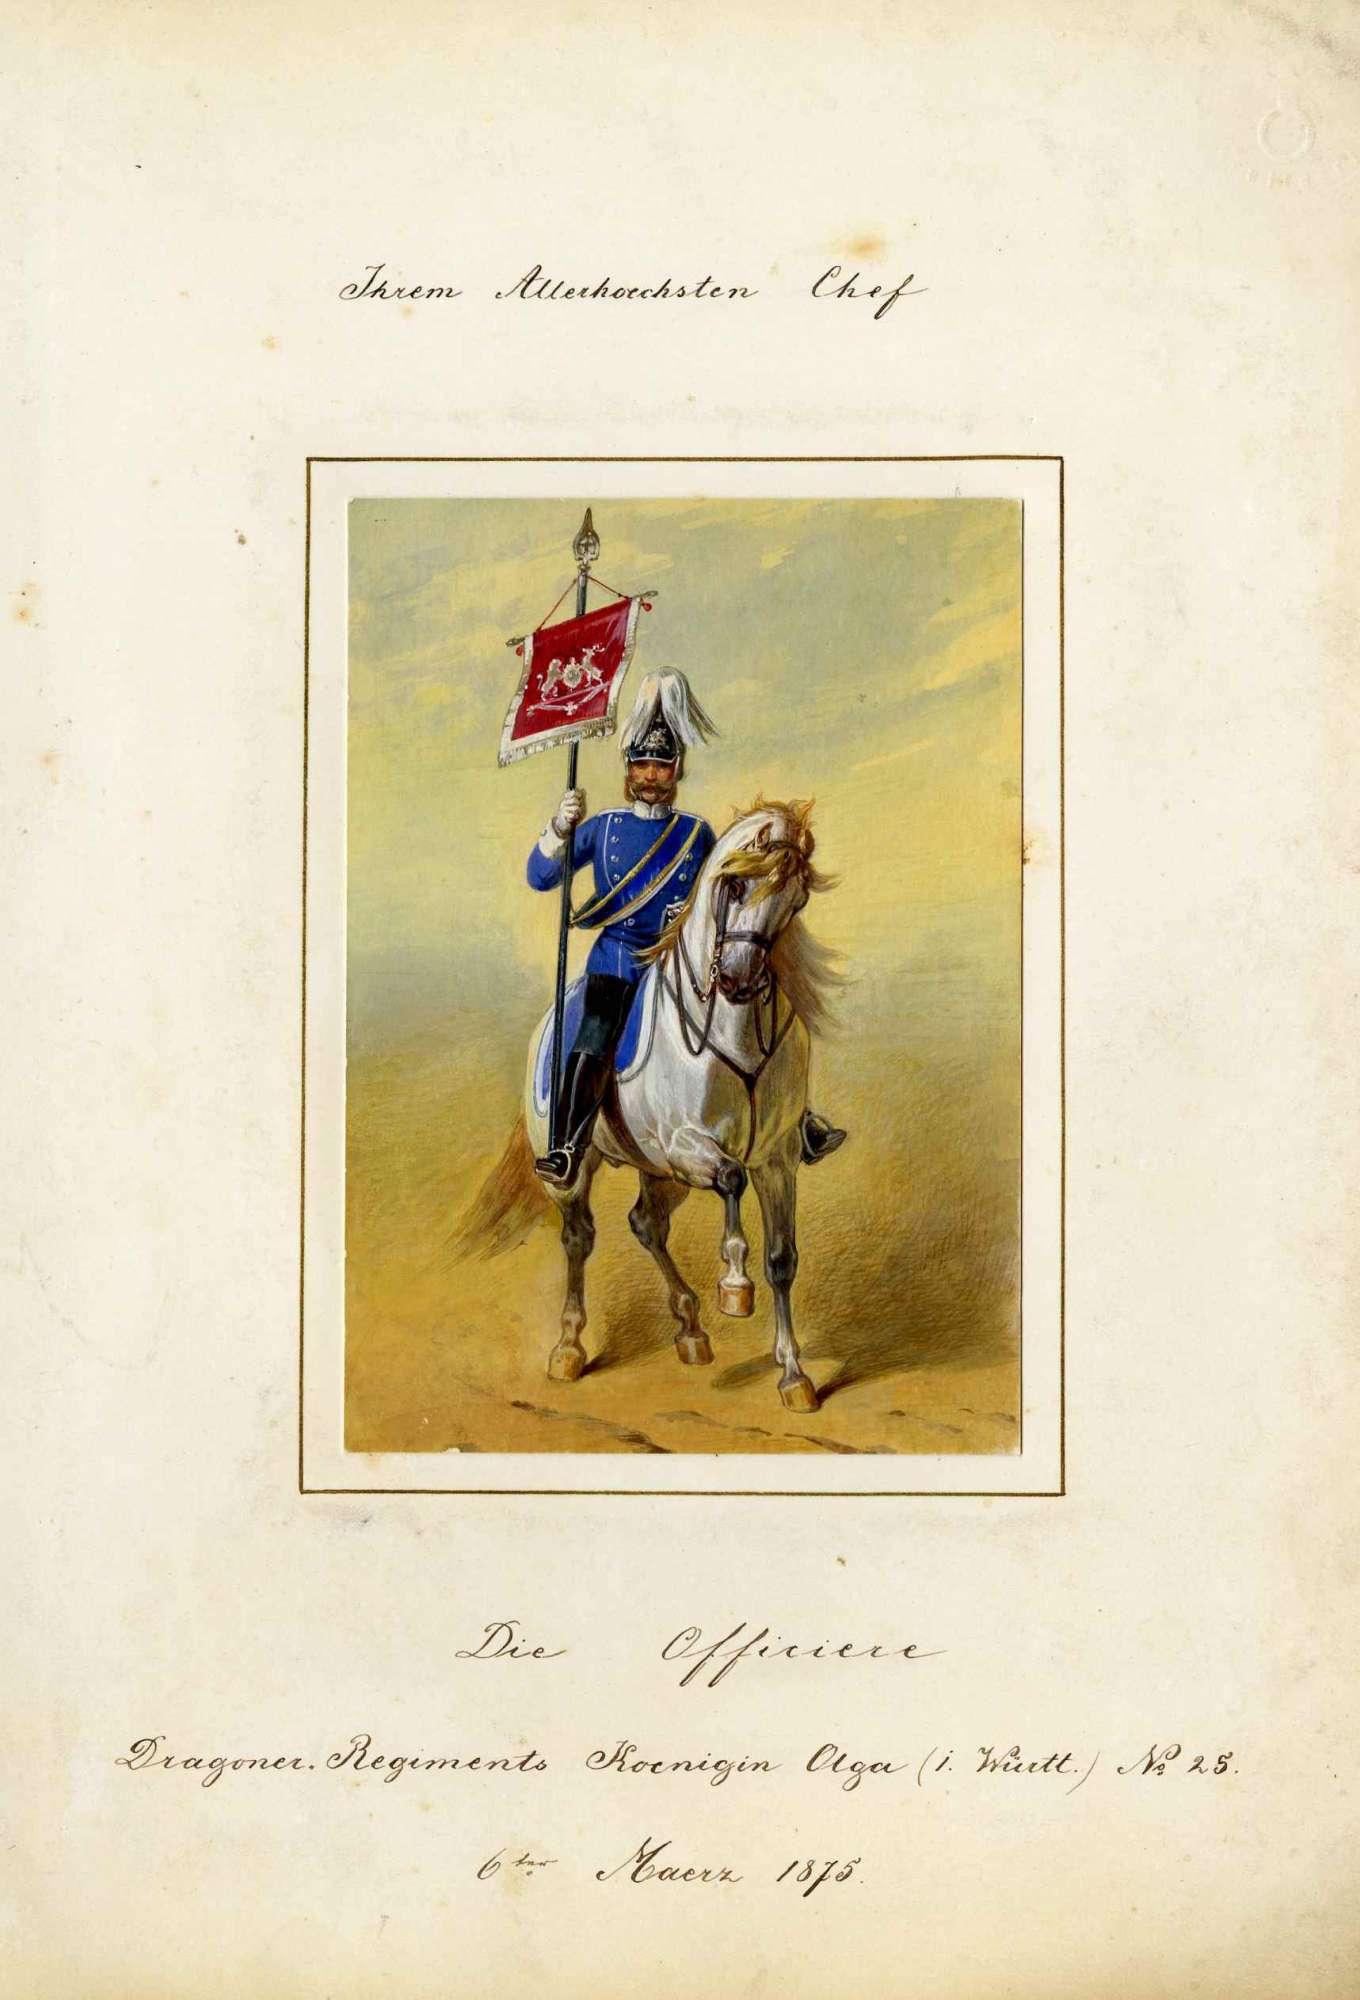 Standartenreiter des Dragoner-Regiments (Königin Olga) Nr. 25 in Uniform mit Zierhelm zu Pferd, in rechter Hand die Regimentsstandarte, Bild 1